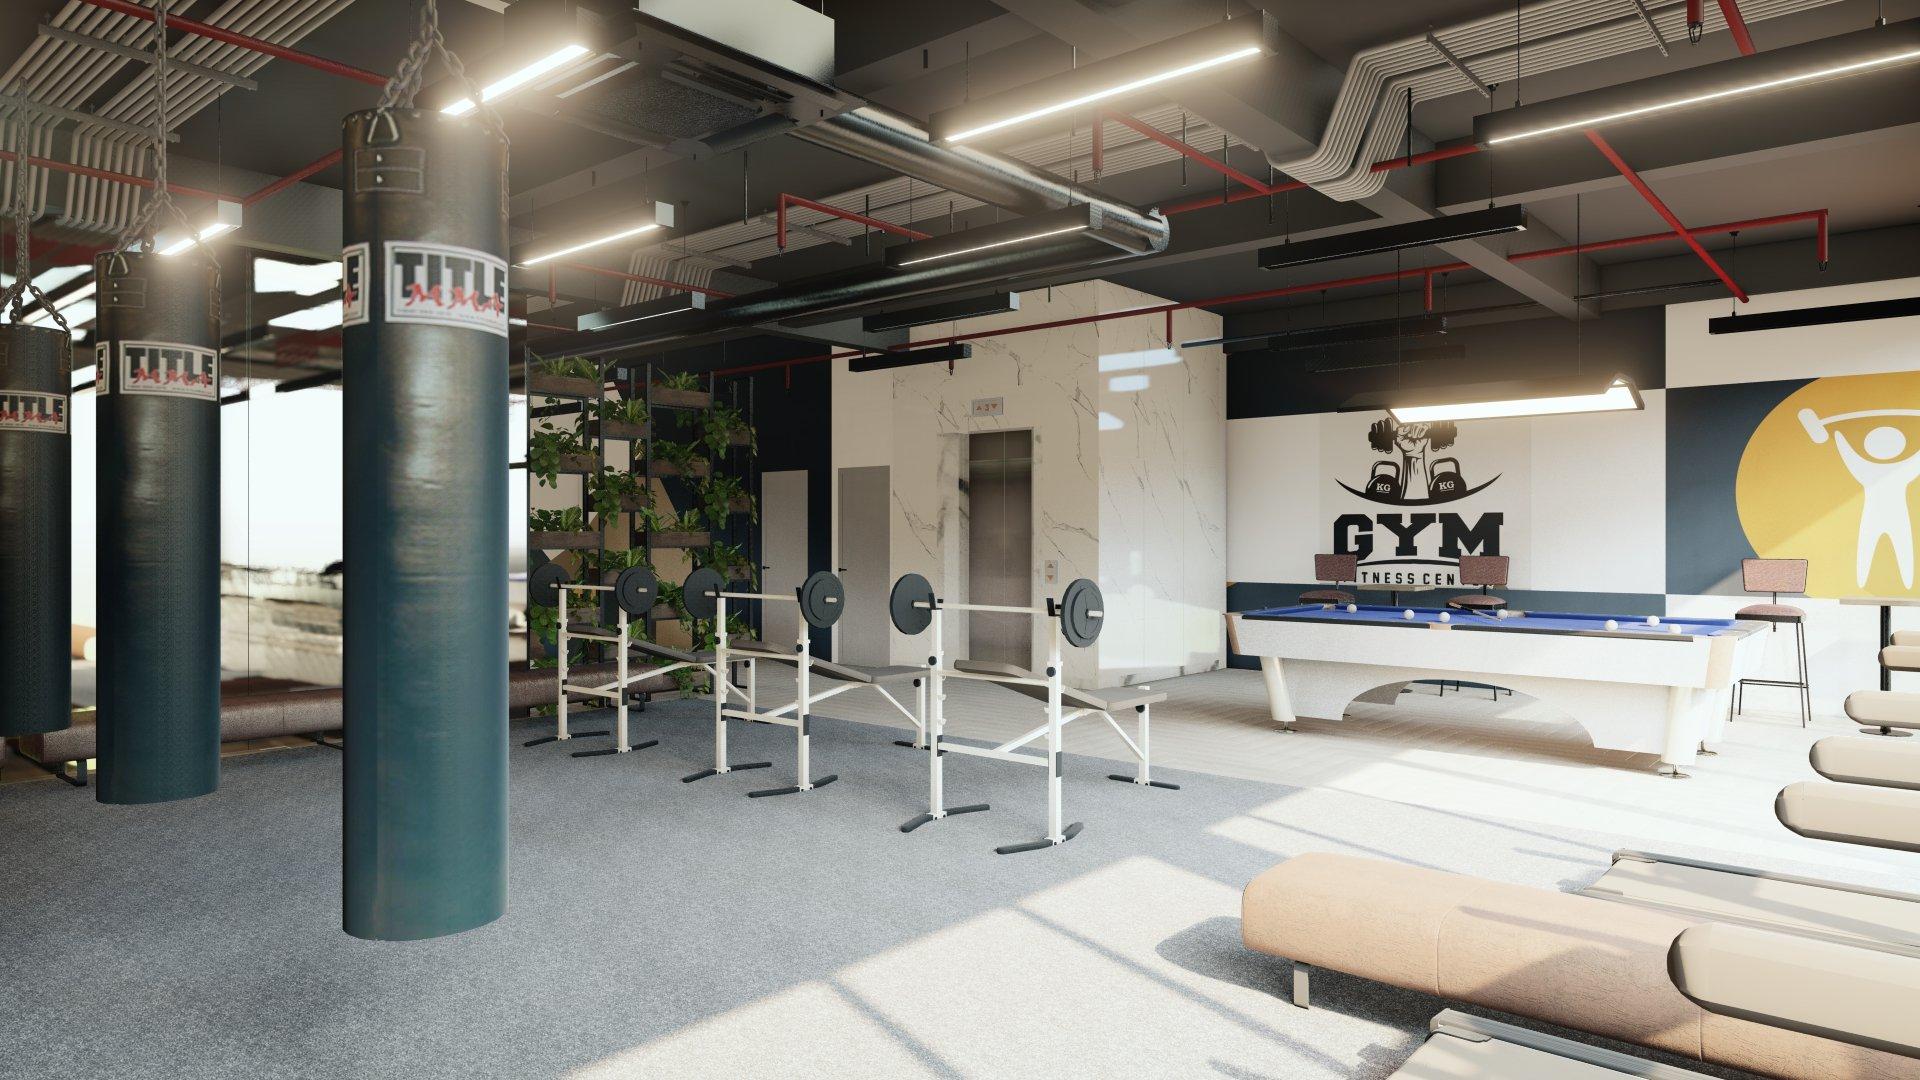 Hiện đại - Tiện nghi - đa chức năng sẽ là văn phòng làm việc của Titan tại Ecopark